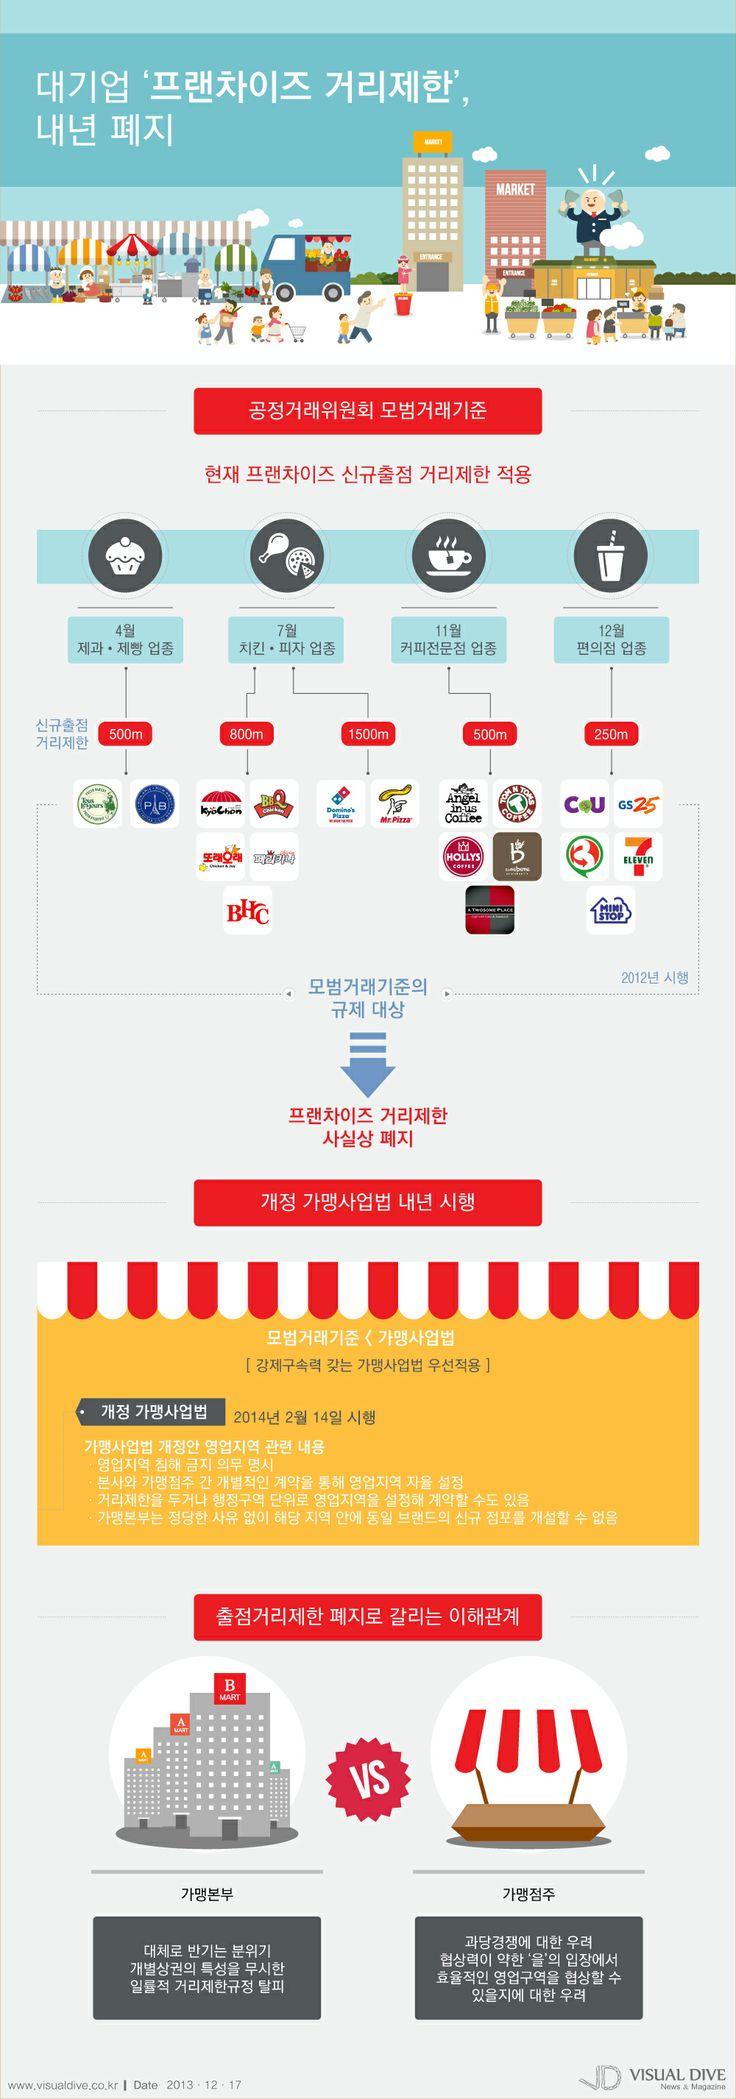 """[인포그래픽] 2013 이슈였던 대기업 '프랜차이즈 거리제한', 내년 폐지 #Franchise / #Infographic"""" ⓒ 비주얼다이브 무단 복사·전재·재배포 금지"""